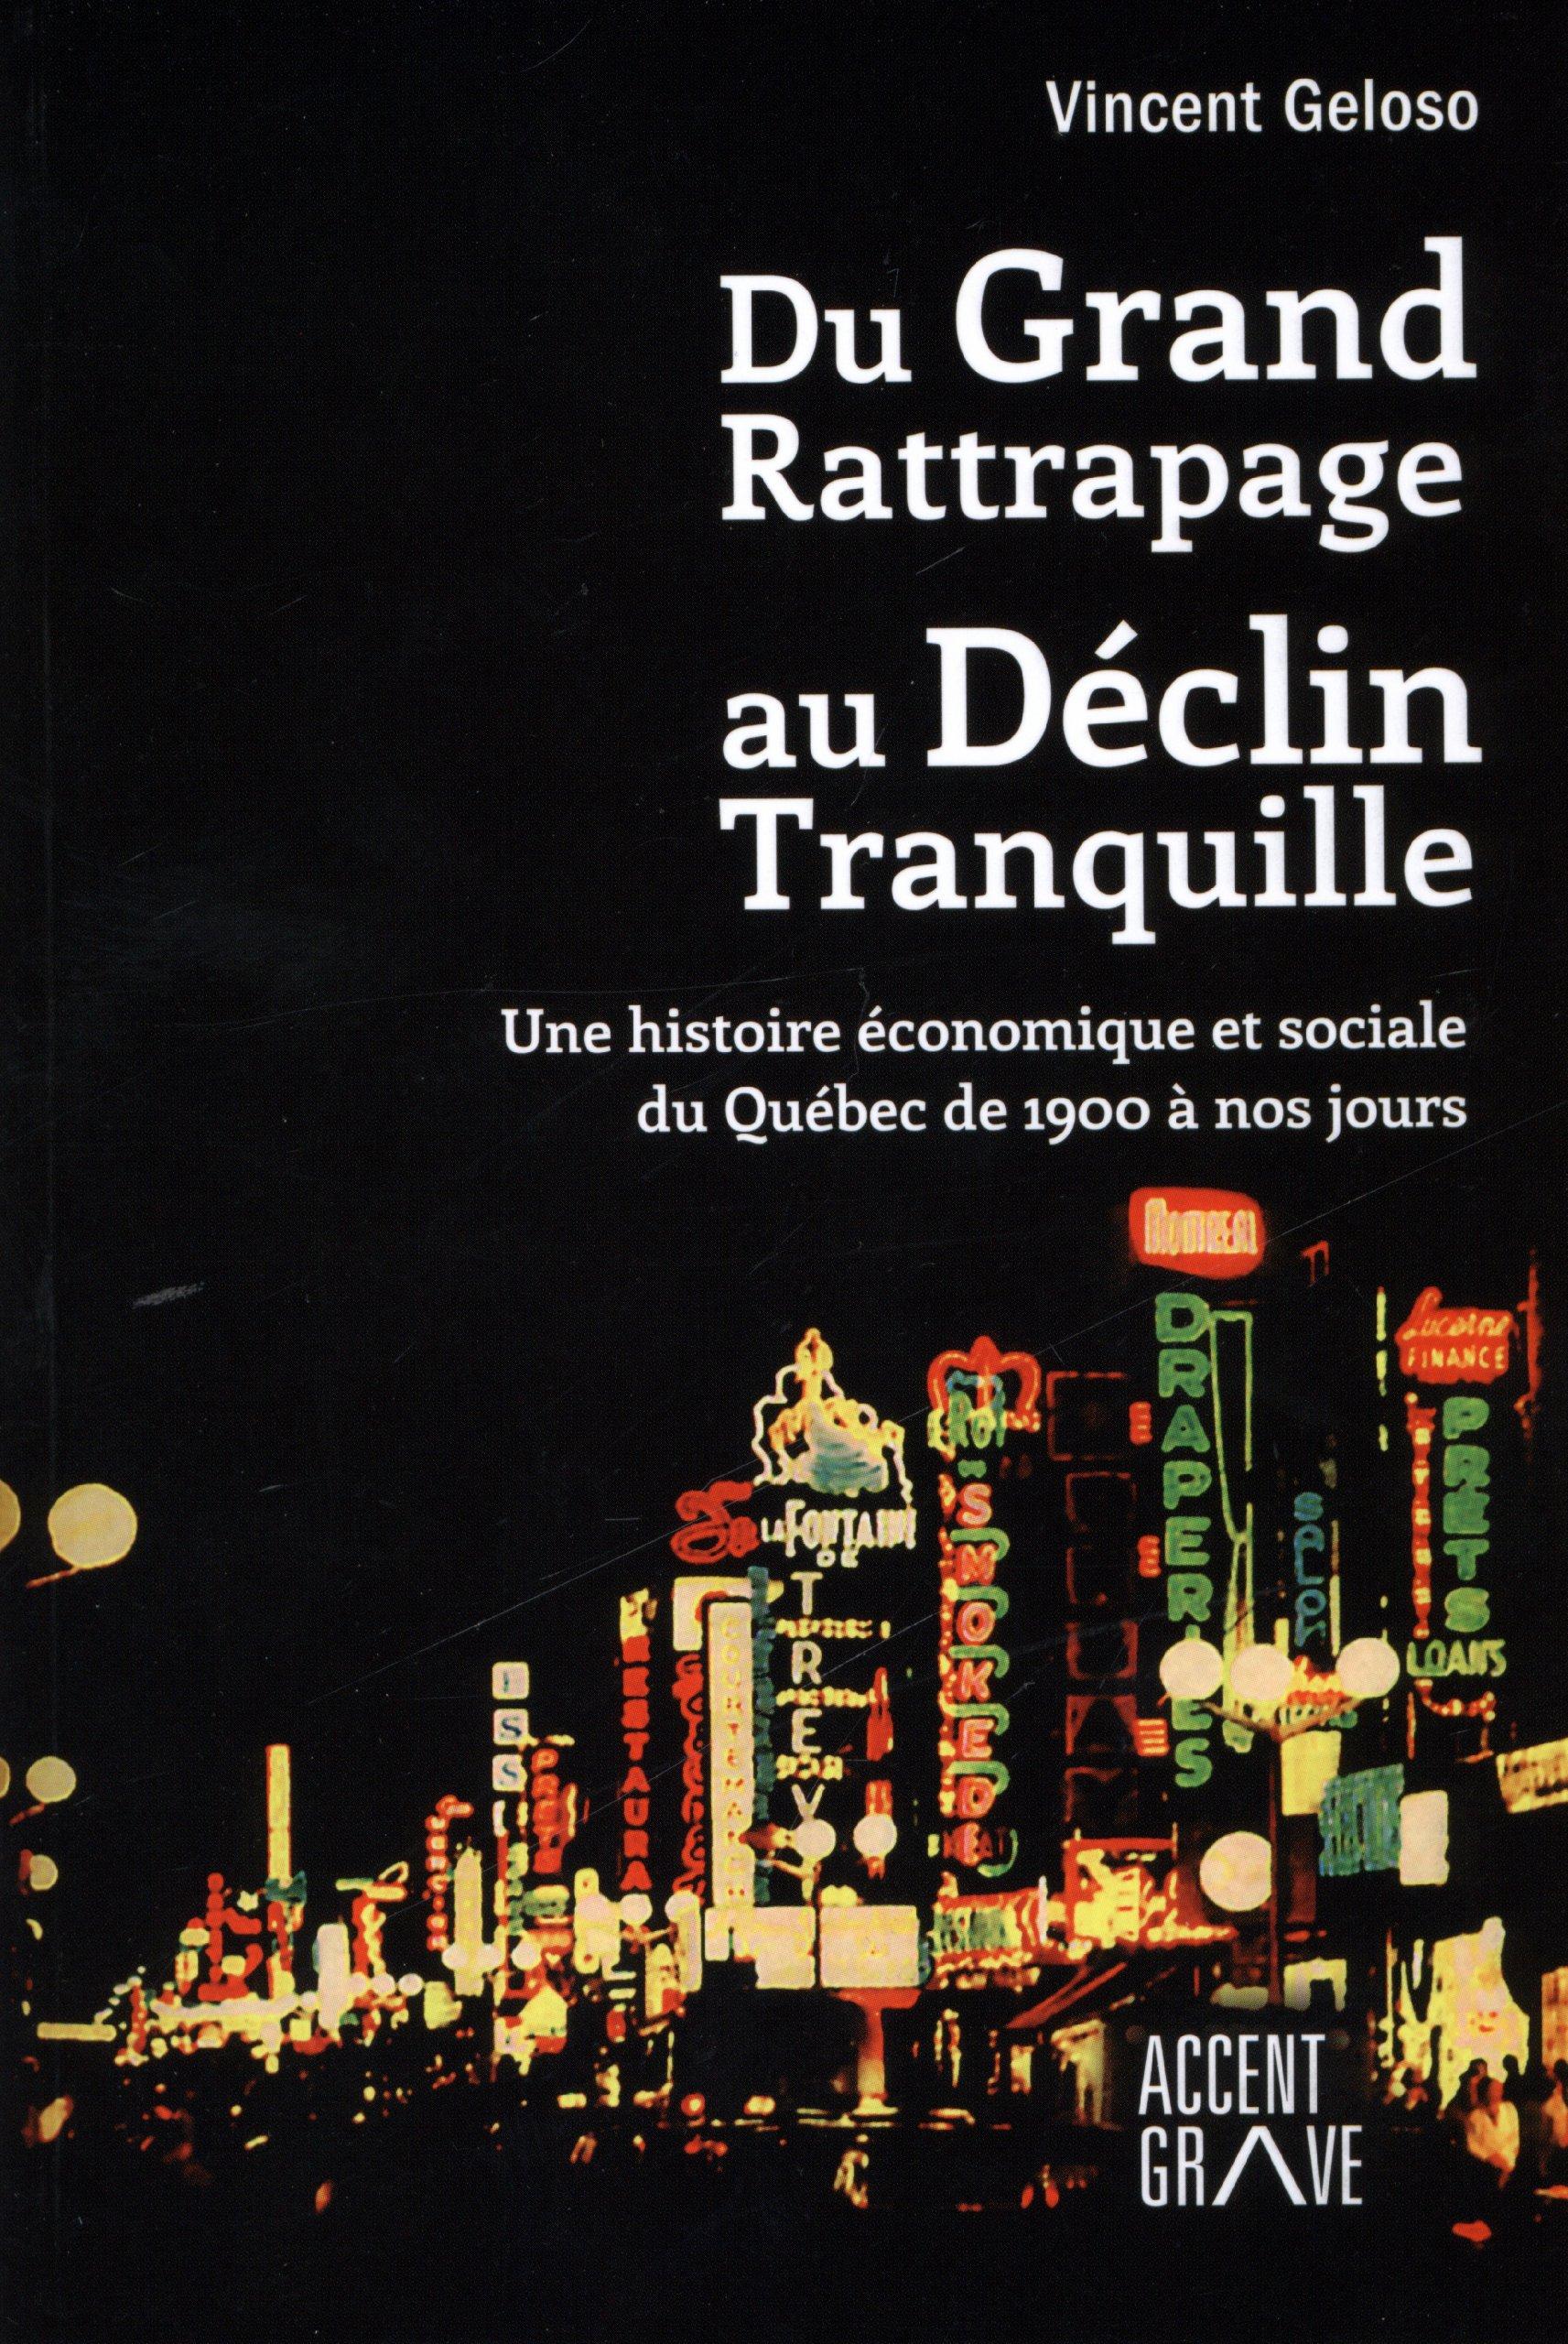 Du Grand Rattrapage au Déclin Tranquille: Une histoire économique et sociale du Québec de 1900 à nos jours (2013)